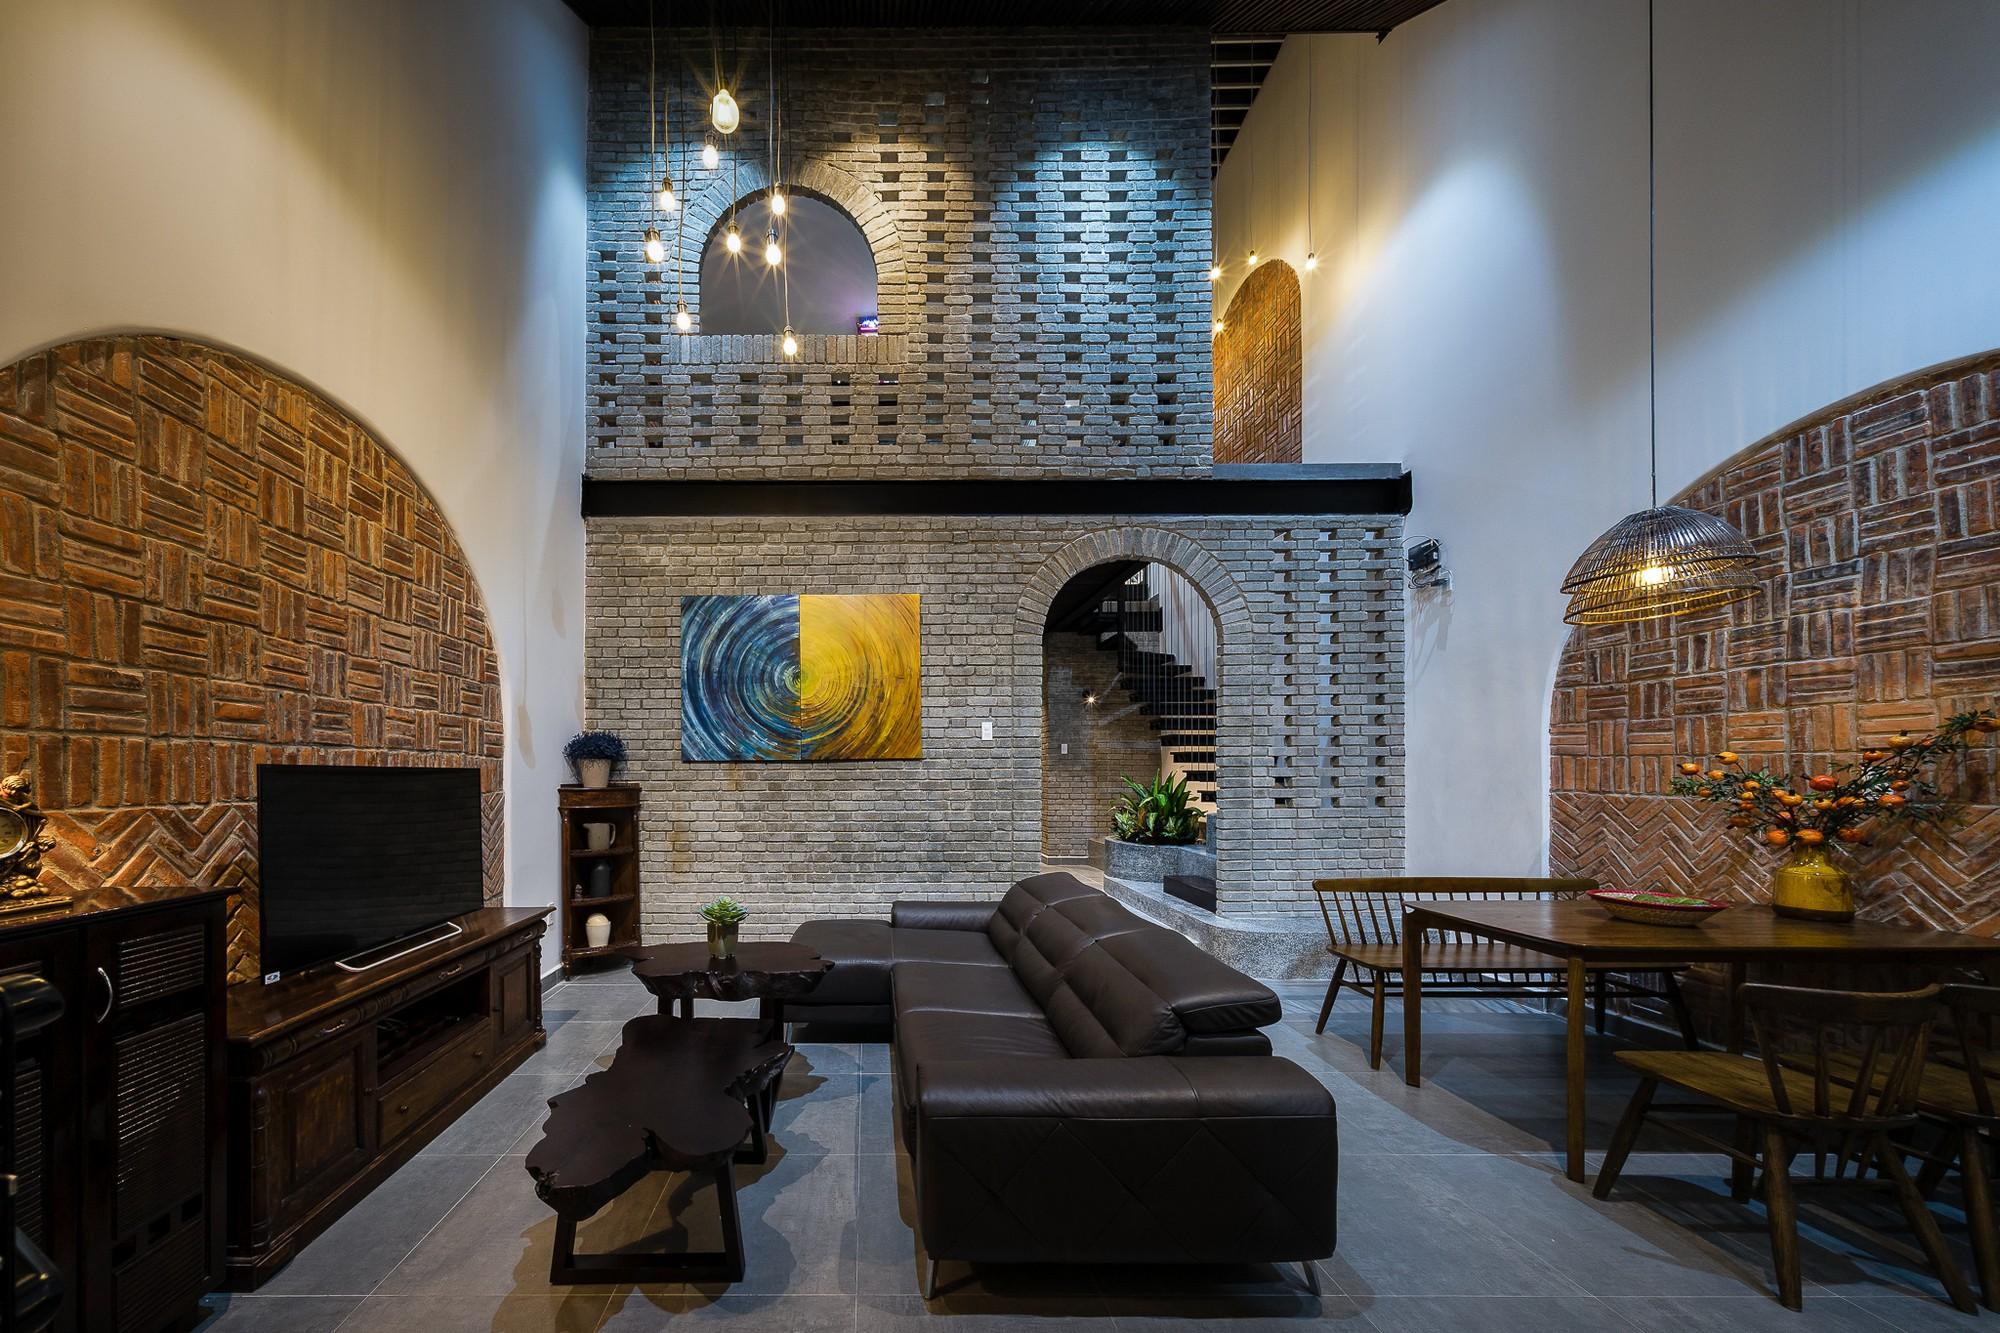 Ngôi nhà gạch 2 tầng của cặp vợ chồng già ở Đà Nẵng được tạp chí Mỹ xuýt xoa khen ngợi - Ảnh 6.